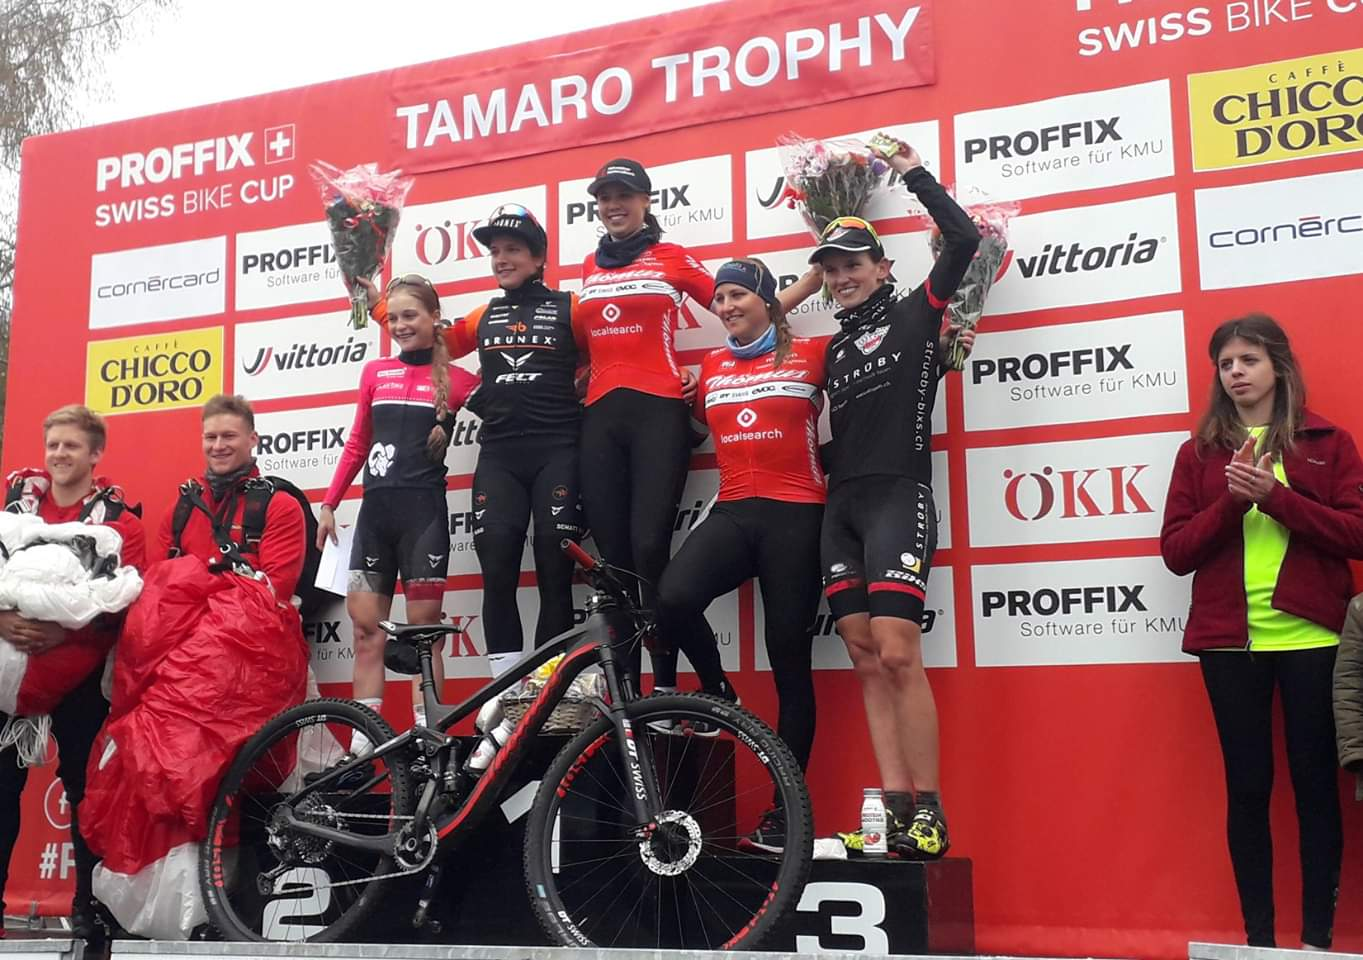 Paula Gorycka (Strüby-BiXS Team) – Proffix Swiss MTB Cup, Szwajcaria